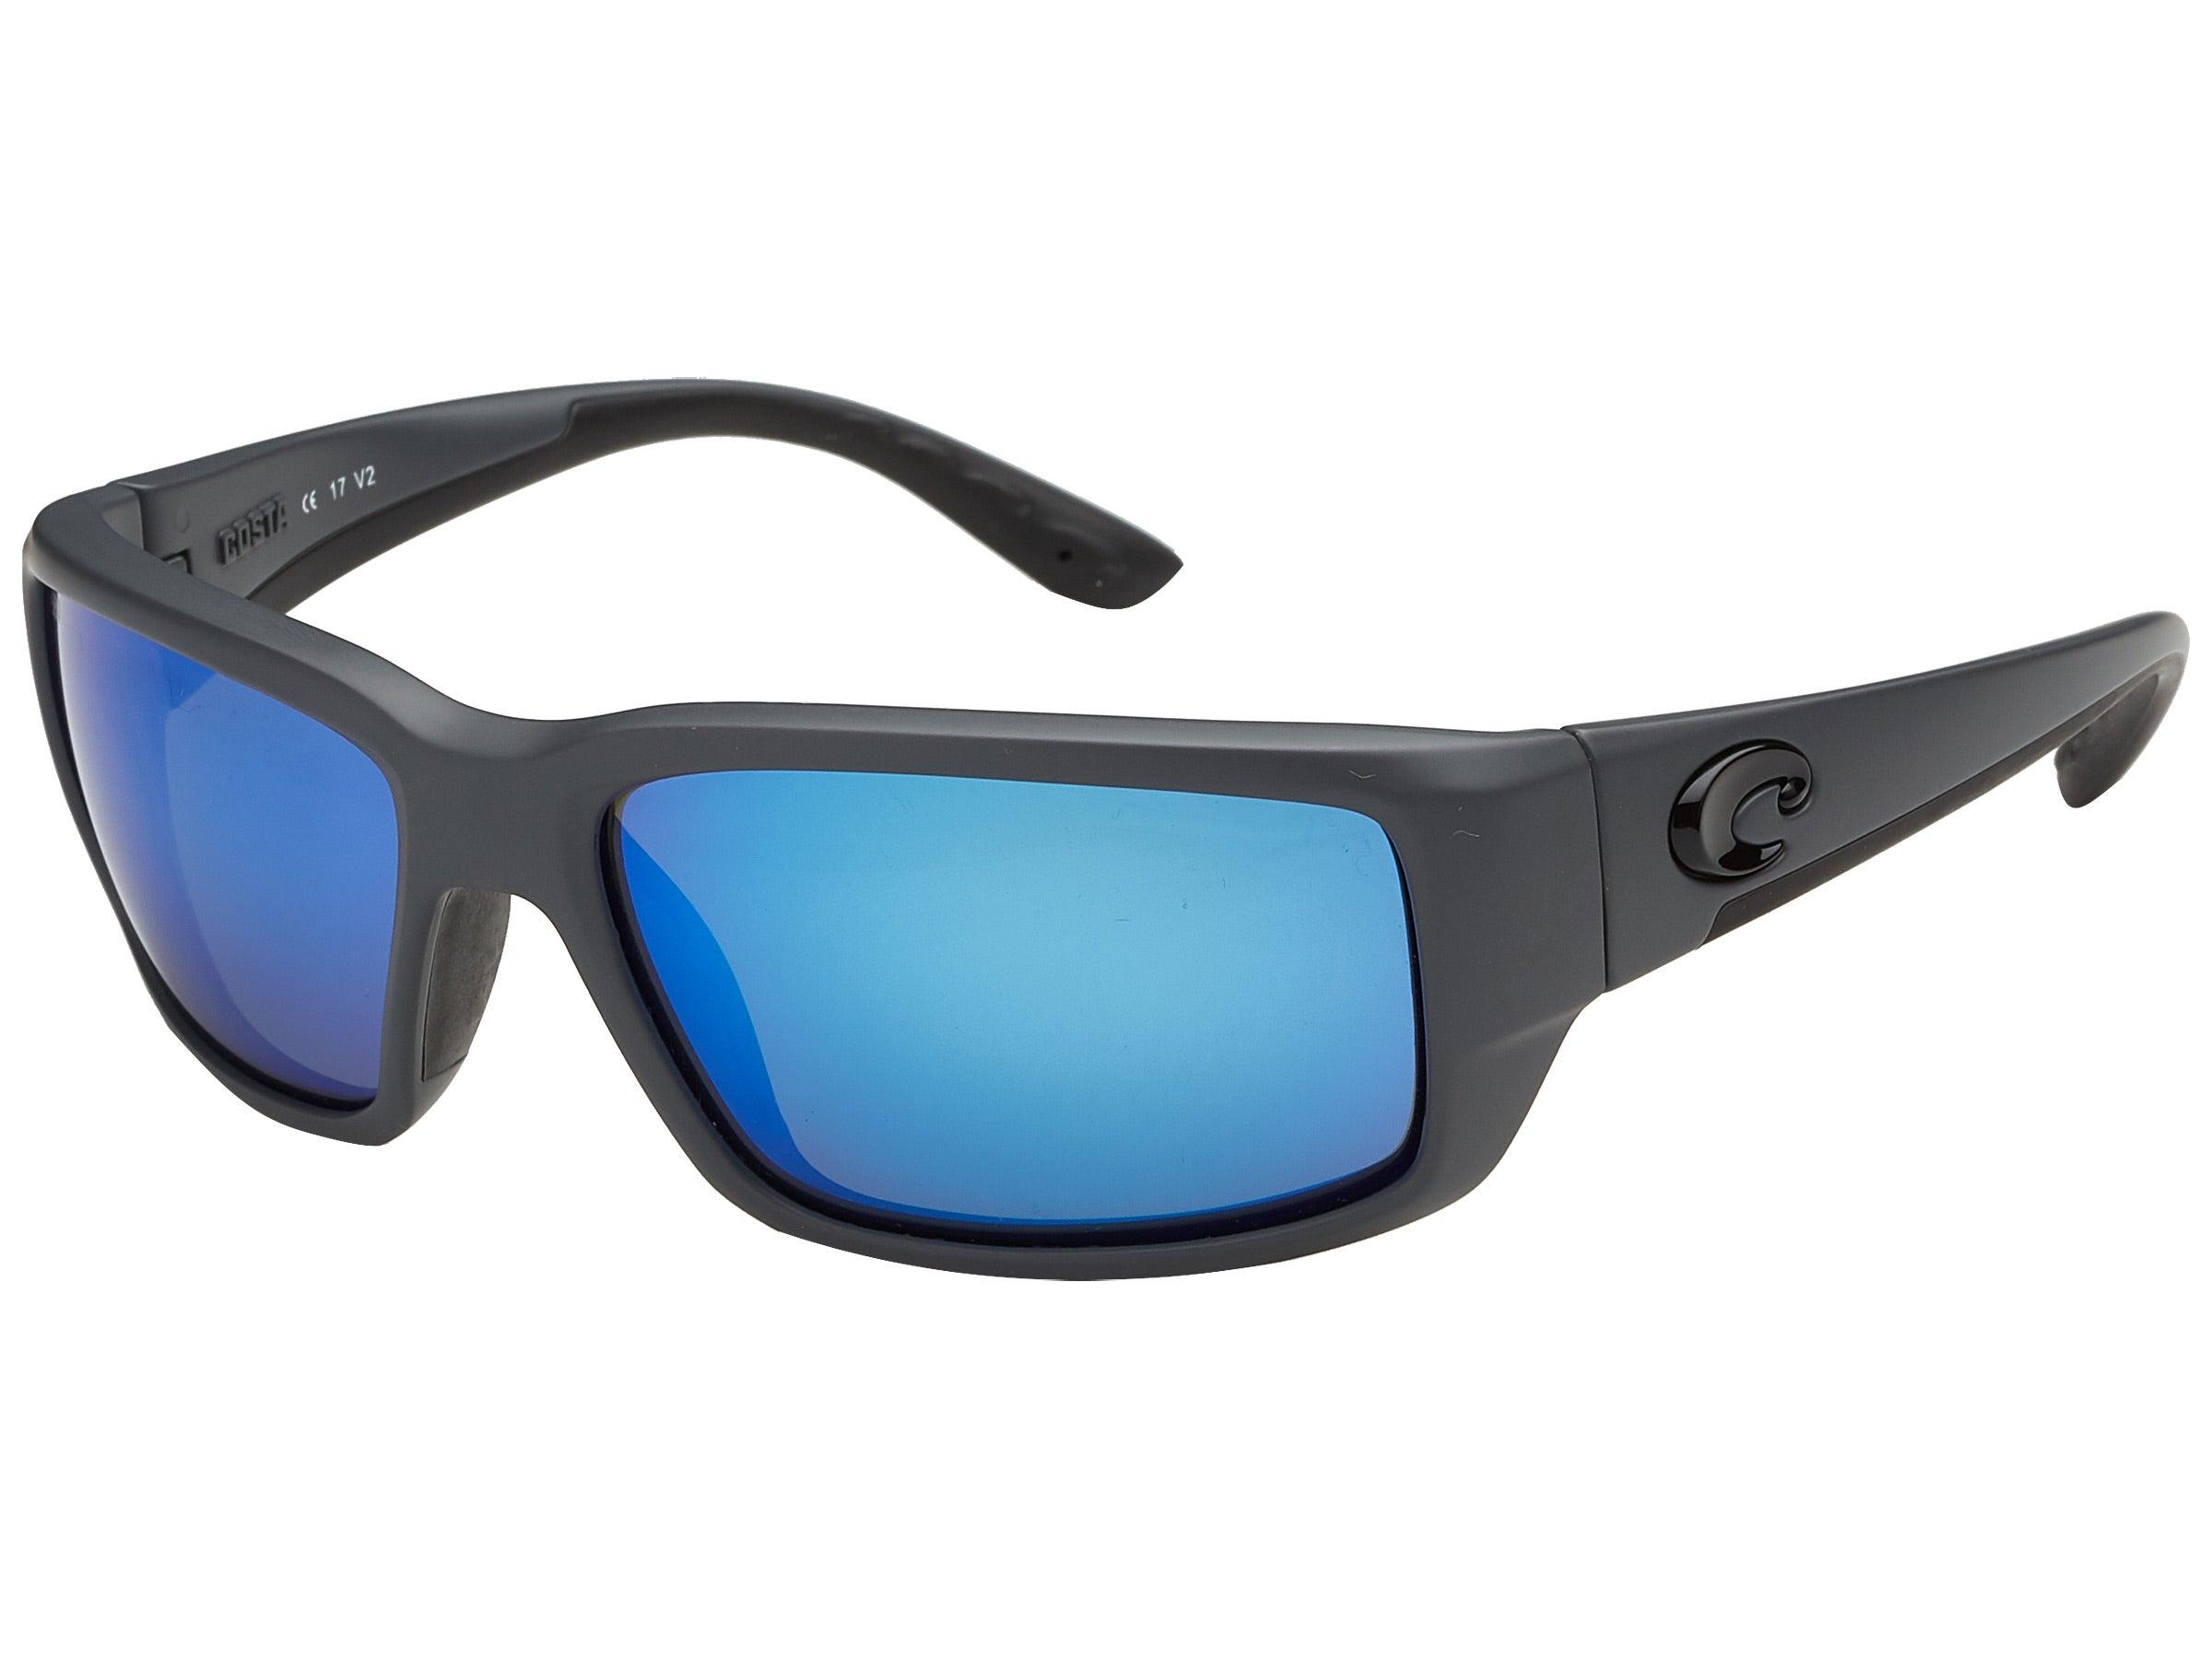 dc76dc8e349e Costa Del Mar Fantail Sunglasses - Tackle Warehouse